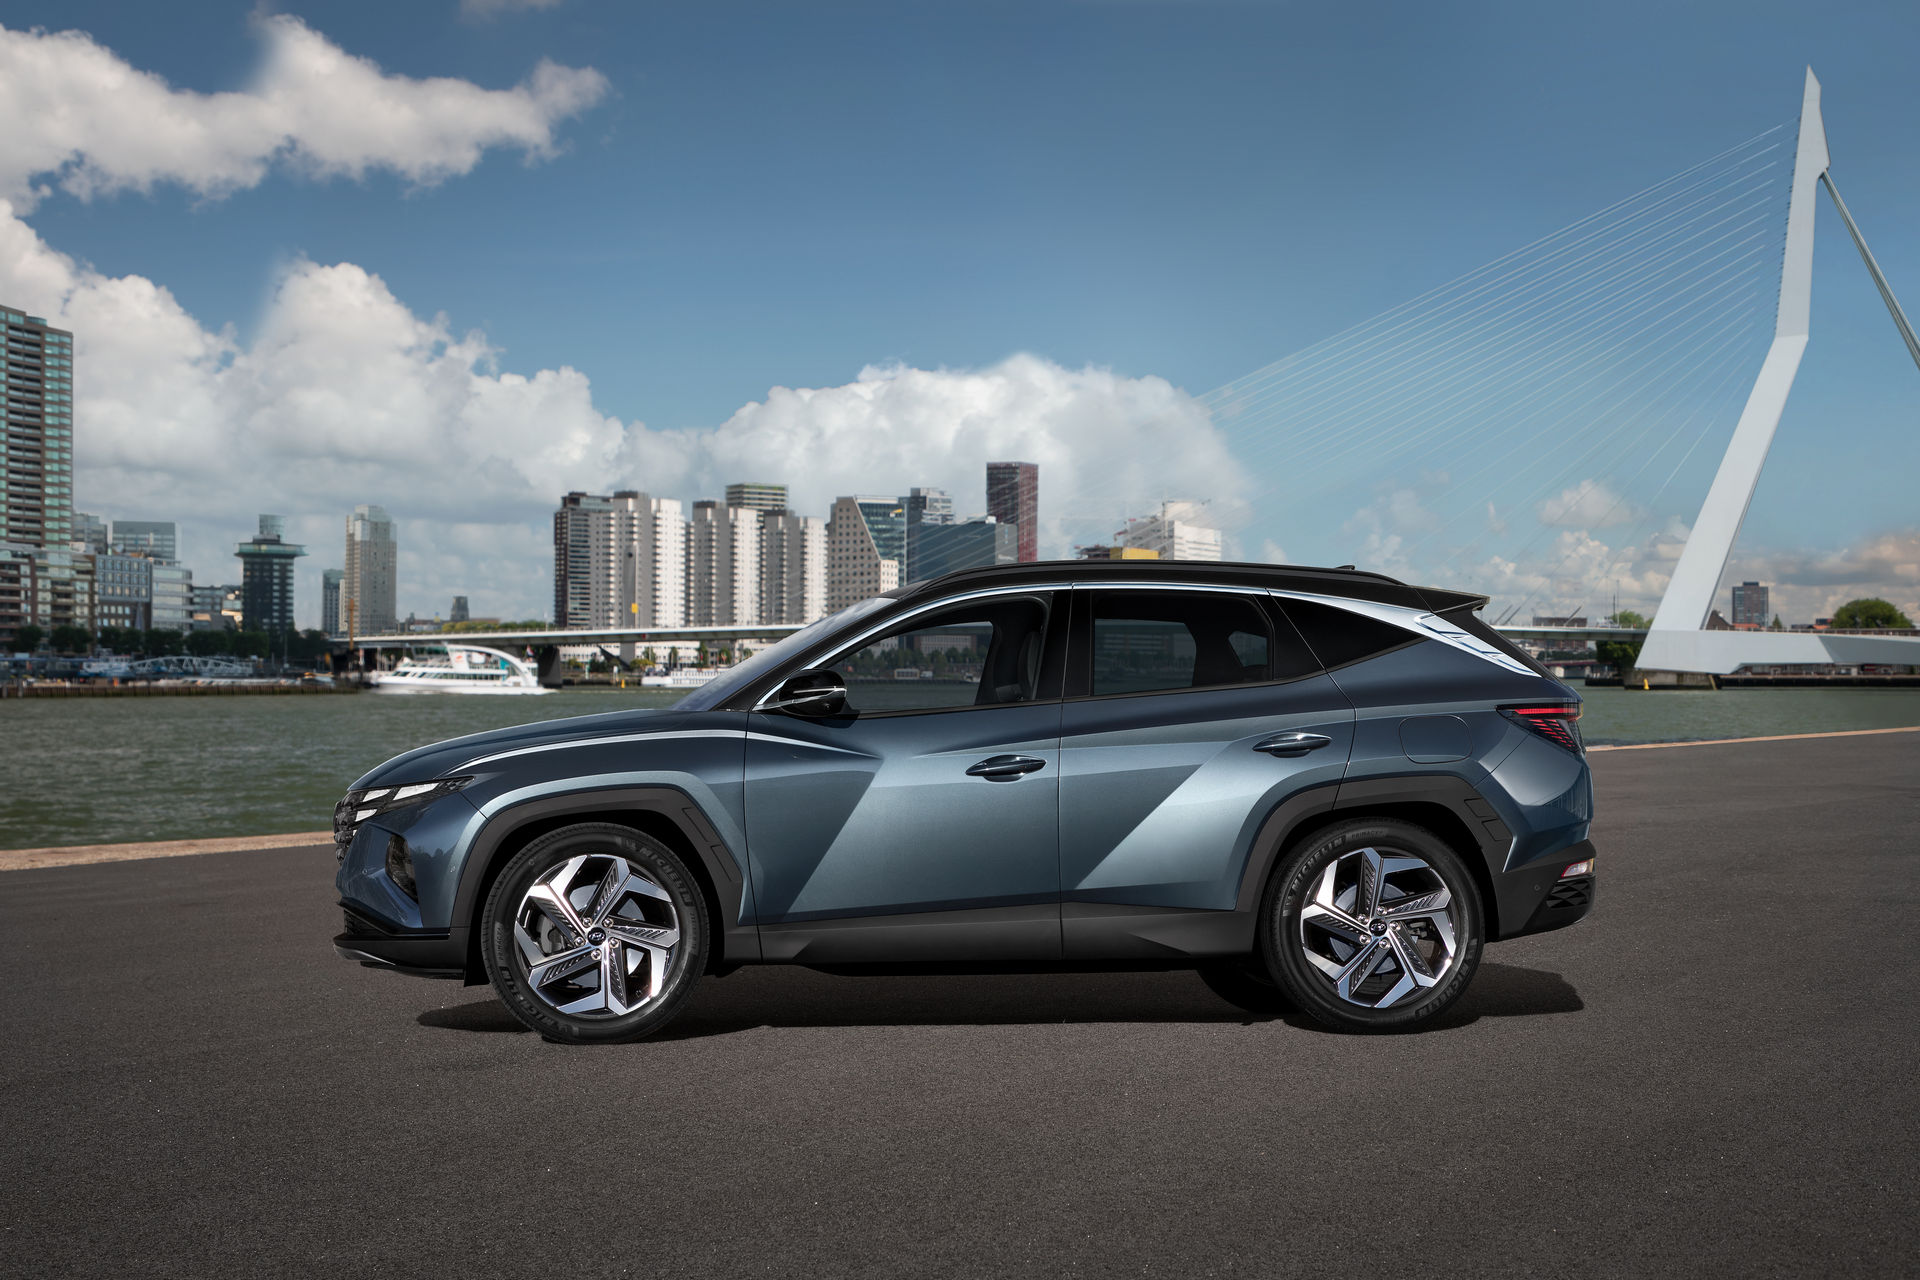 بالفيديو والصور.. انطلاق هيونداي توسان 2022 الجديدة كليًا رسميًا 2021-Hyundai-Tucson-7.jpg